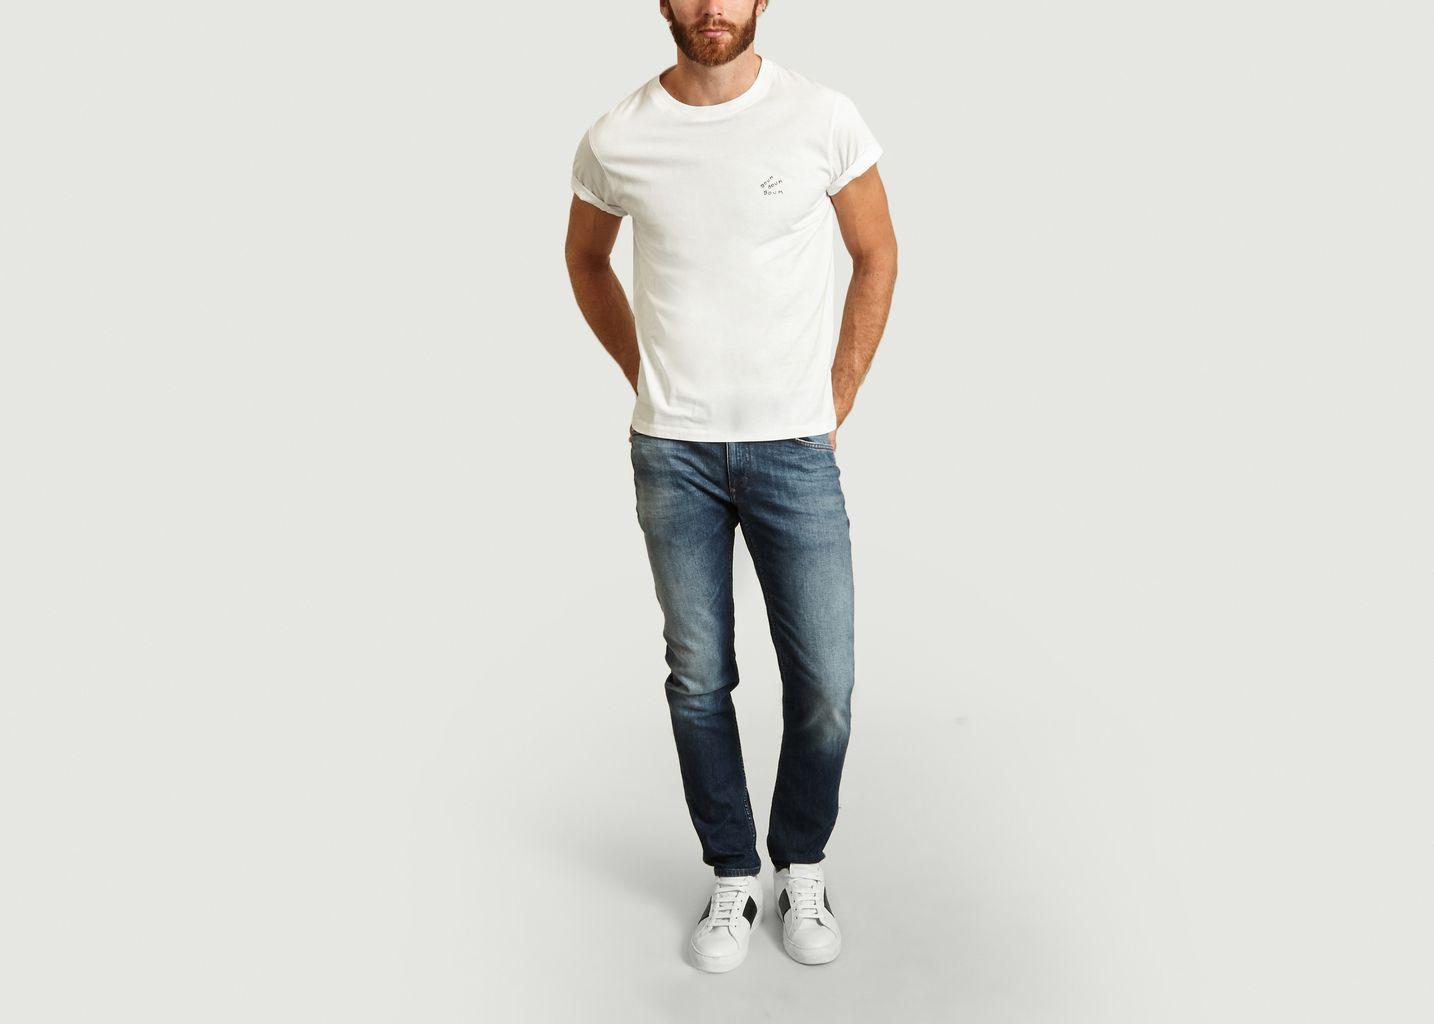 Heavy T-shirt Boum Boum - Maison Labiche